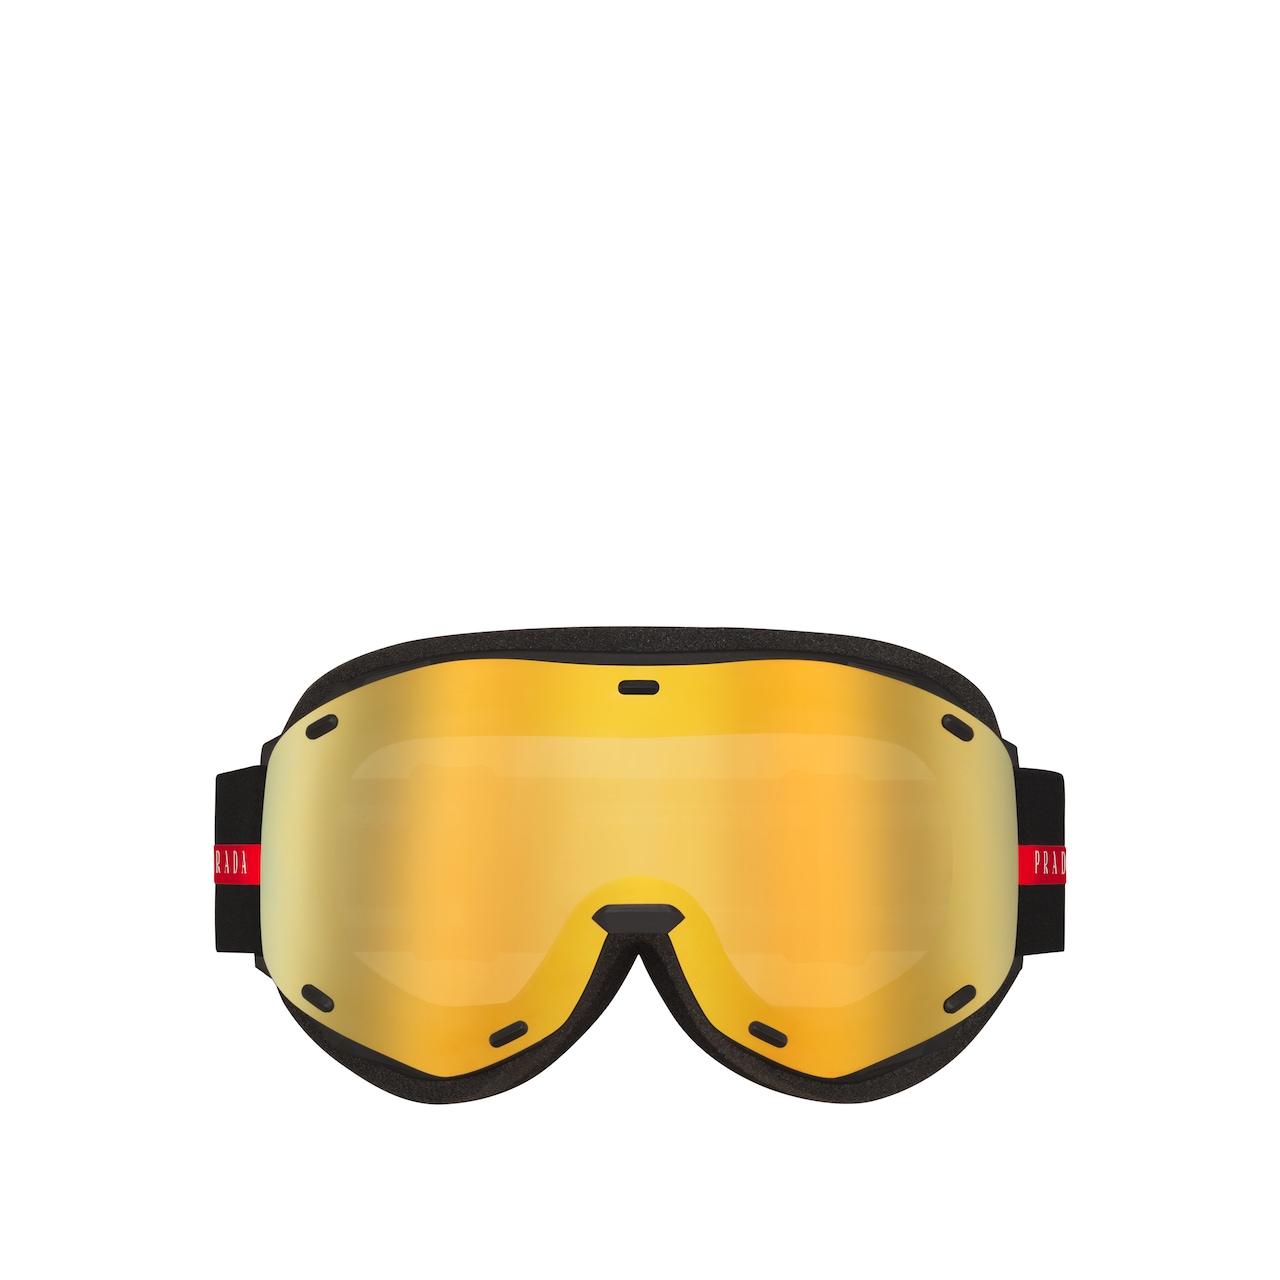 Prada Linea Rossa Ski Goggles